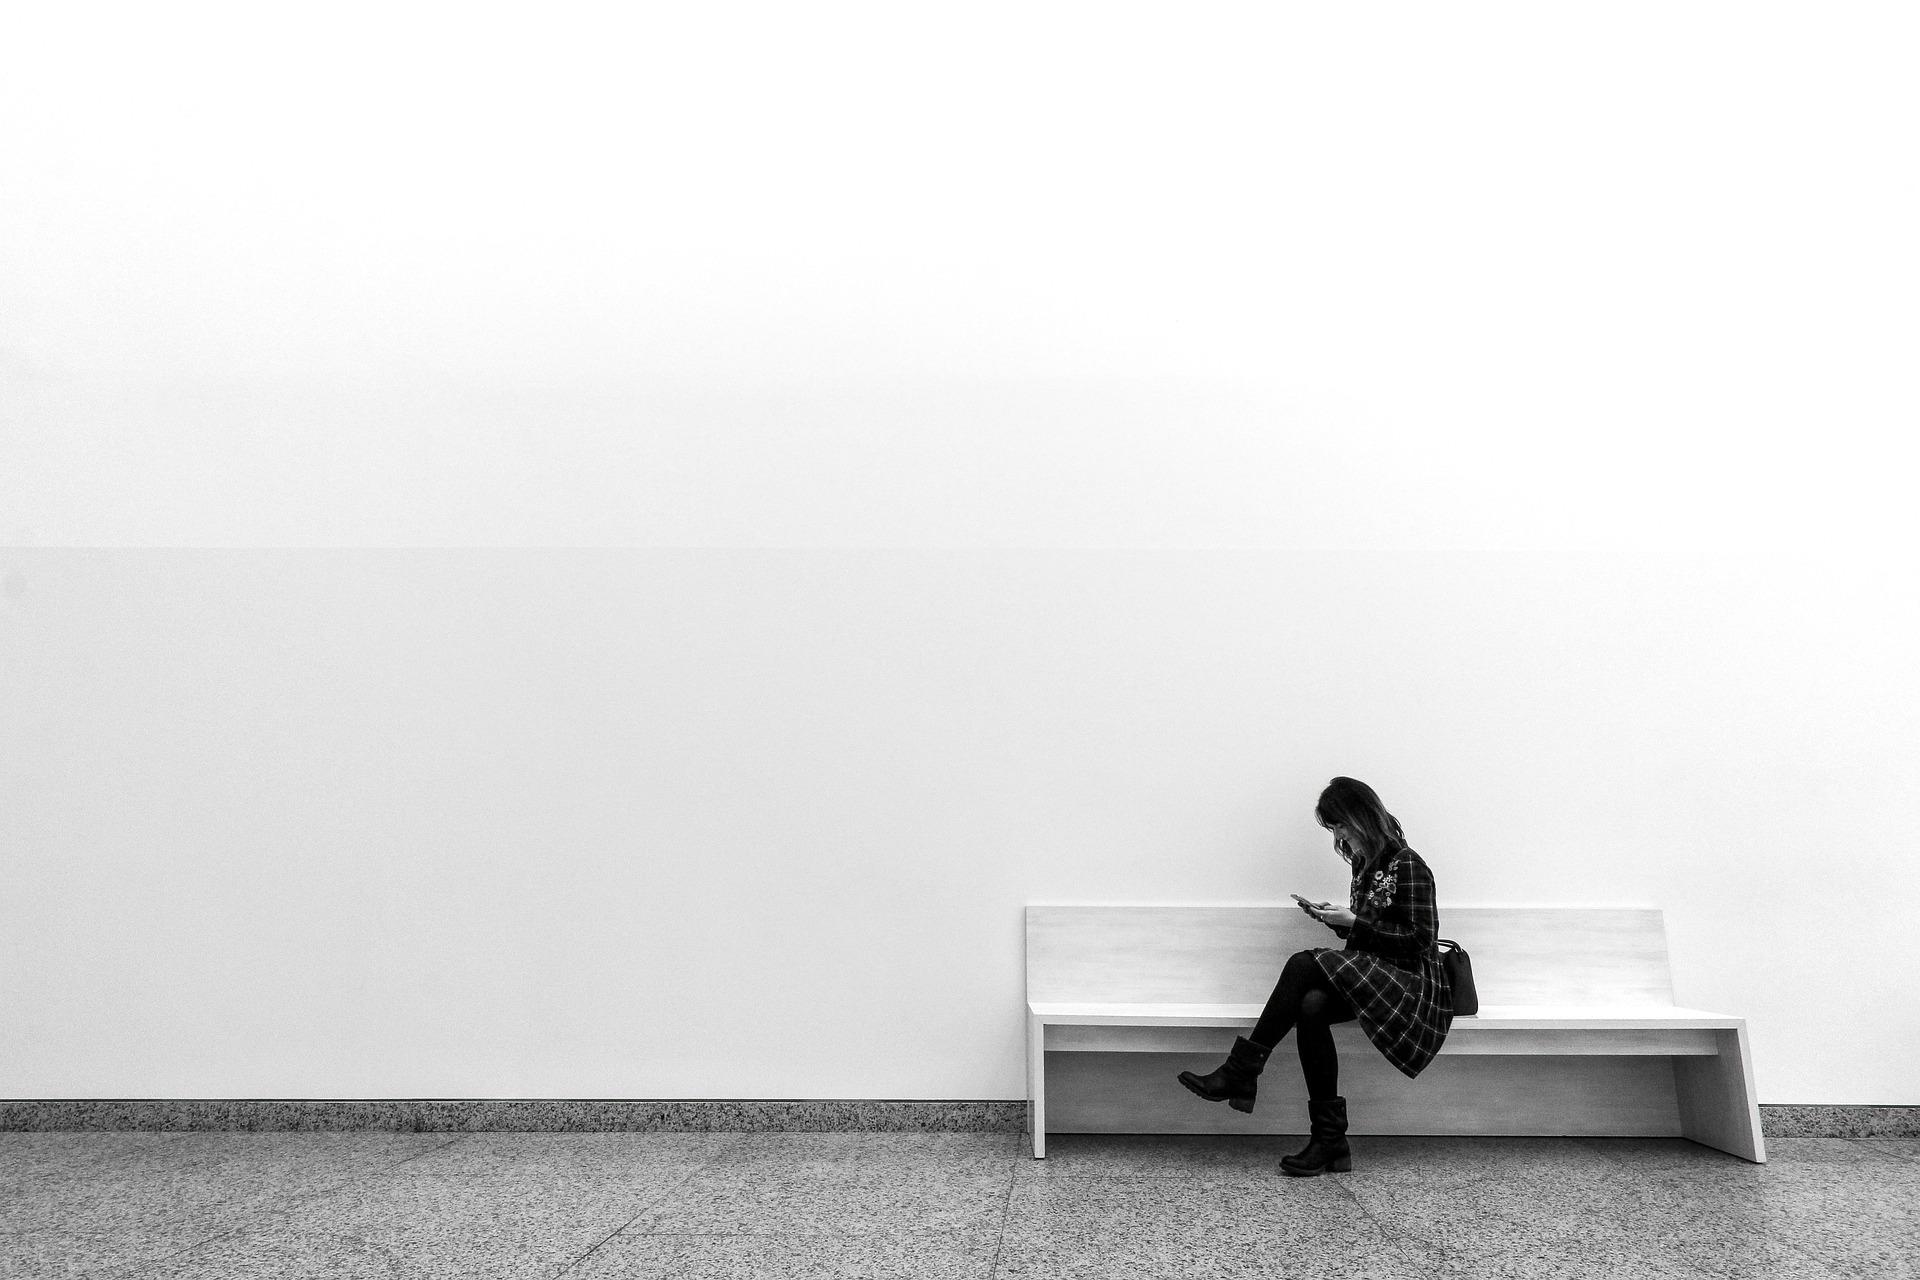 Minimalismus, Lebensstil ohne Last auf blogfinanz.de